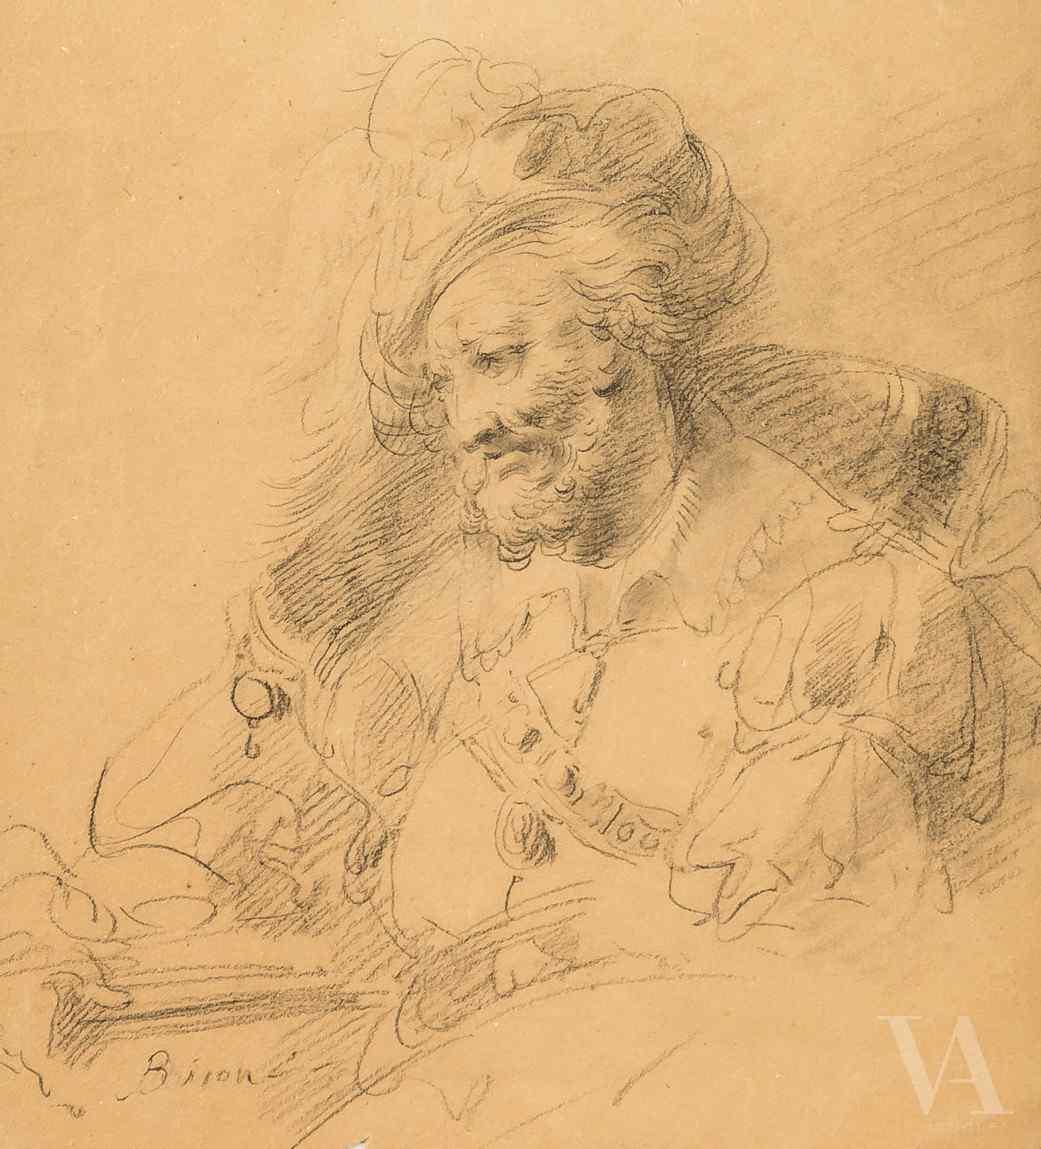 Joseph B. Bison, Portrait de lettres, Venise sec. XVIII